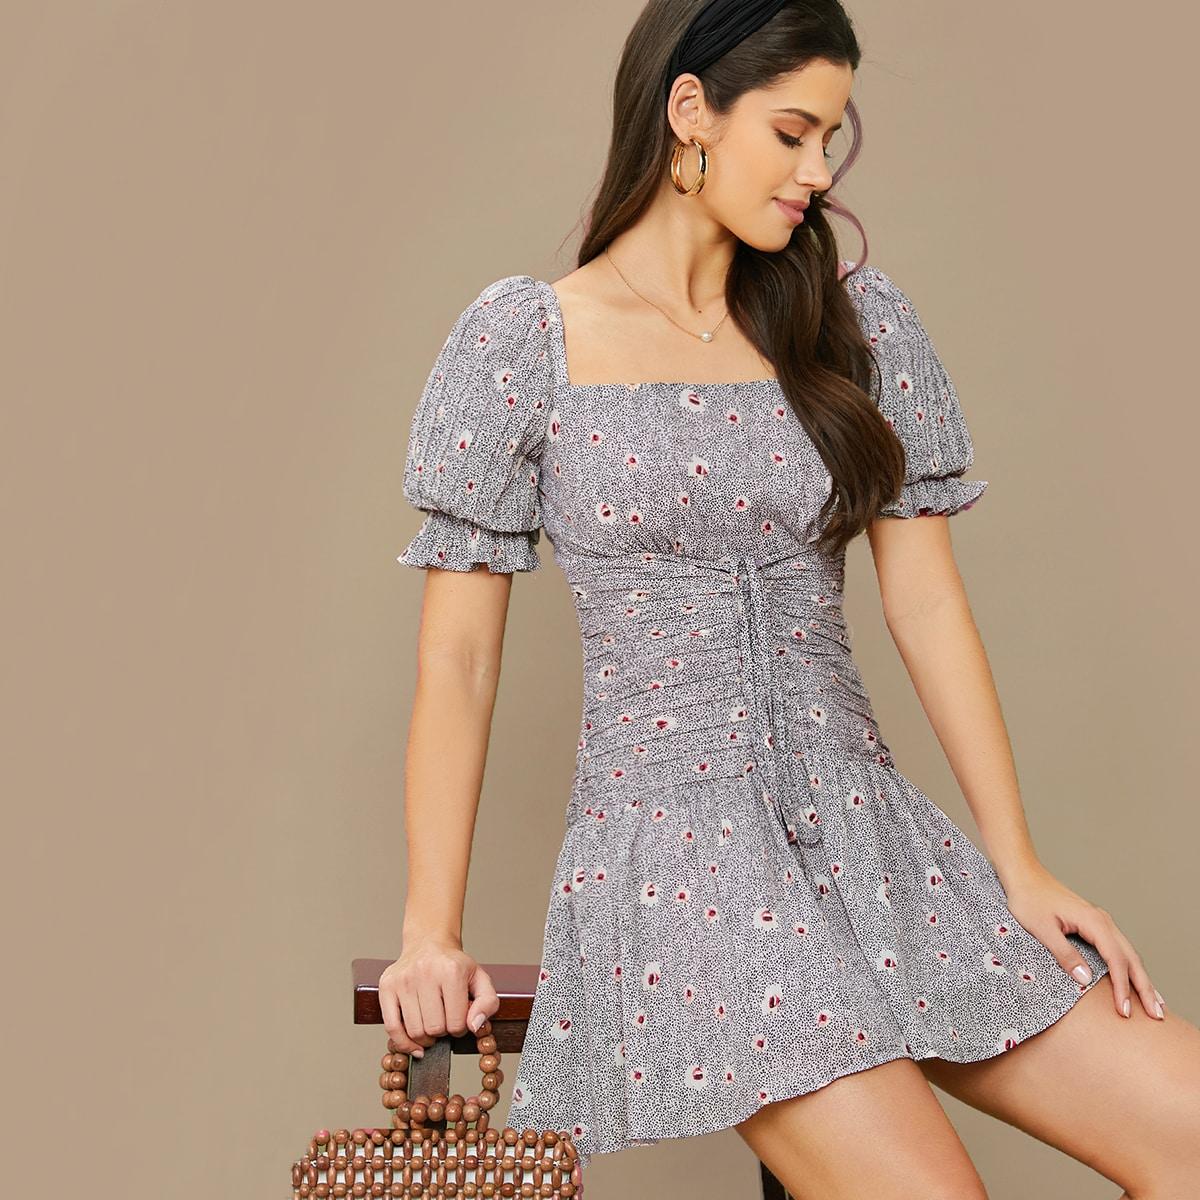 Цветочное платье на кулиске с пыным рукавом и далматинским узором